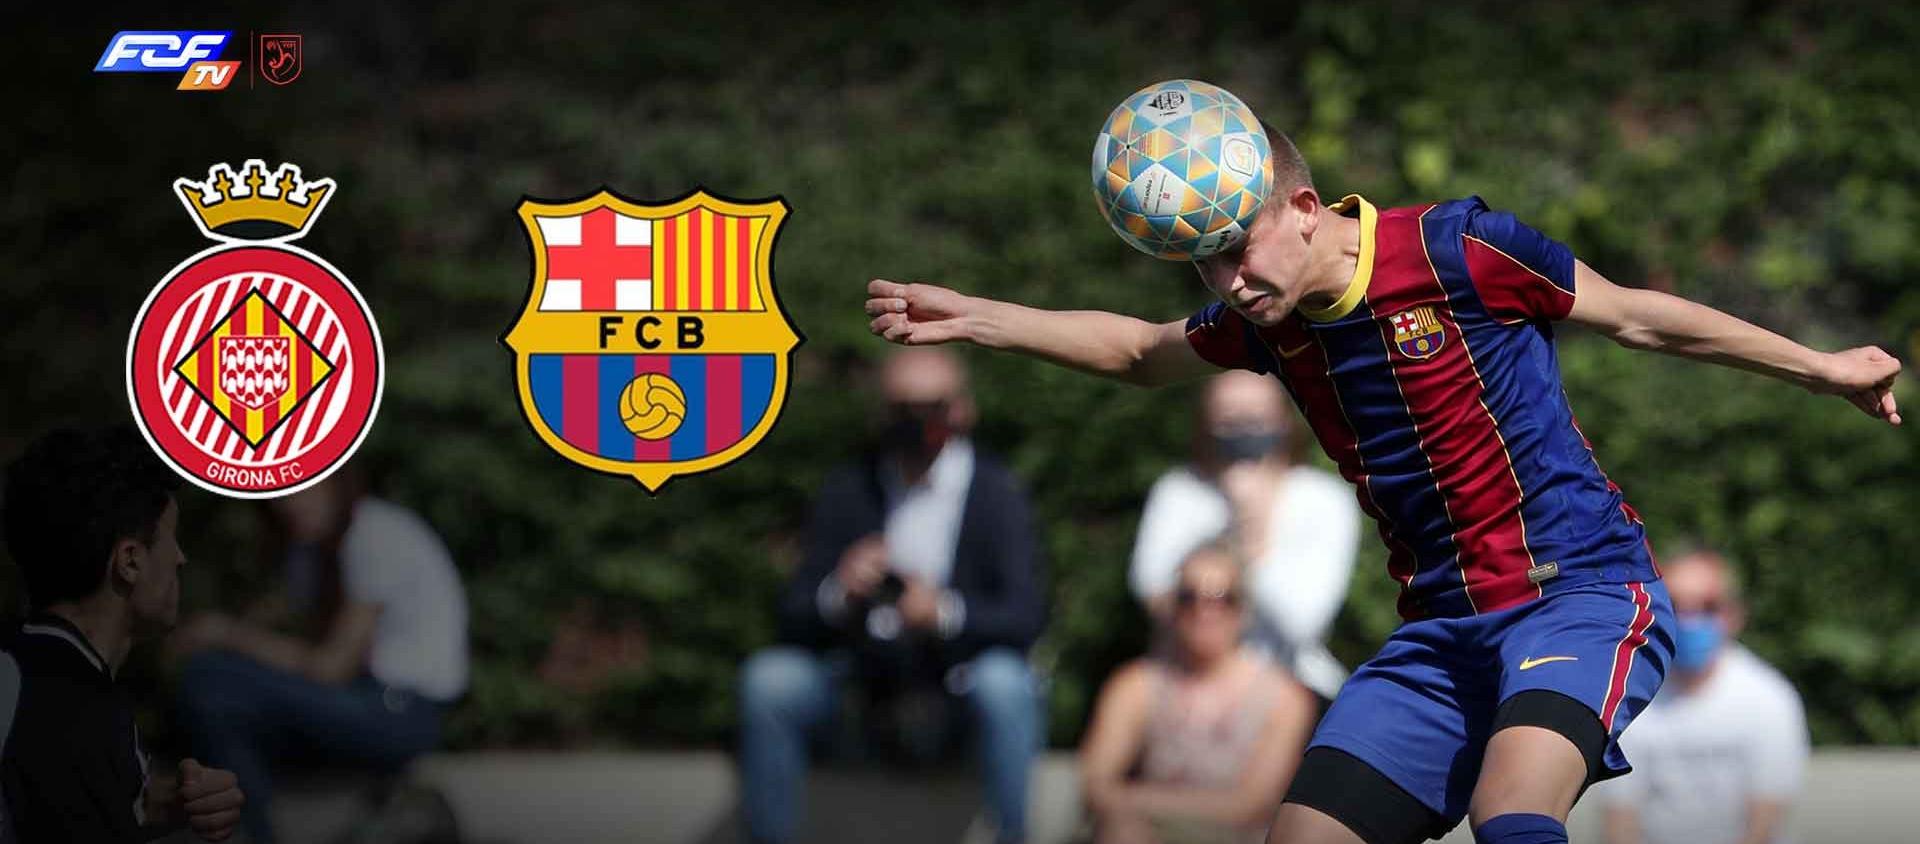 Un decisiu Girona FC-FC Barcelona pel títol de la Divisió Honor Cadet, en directe a l'FCF TV